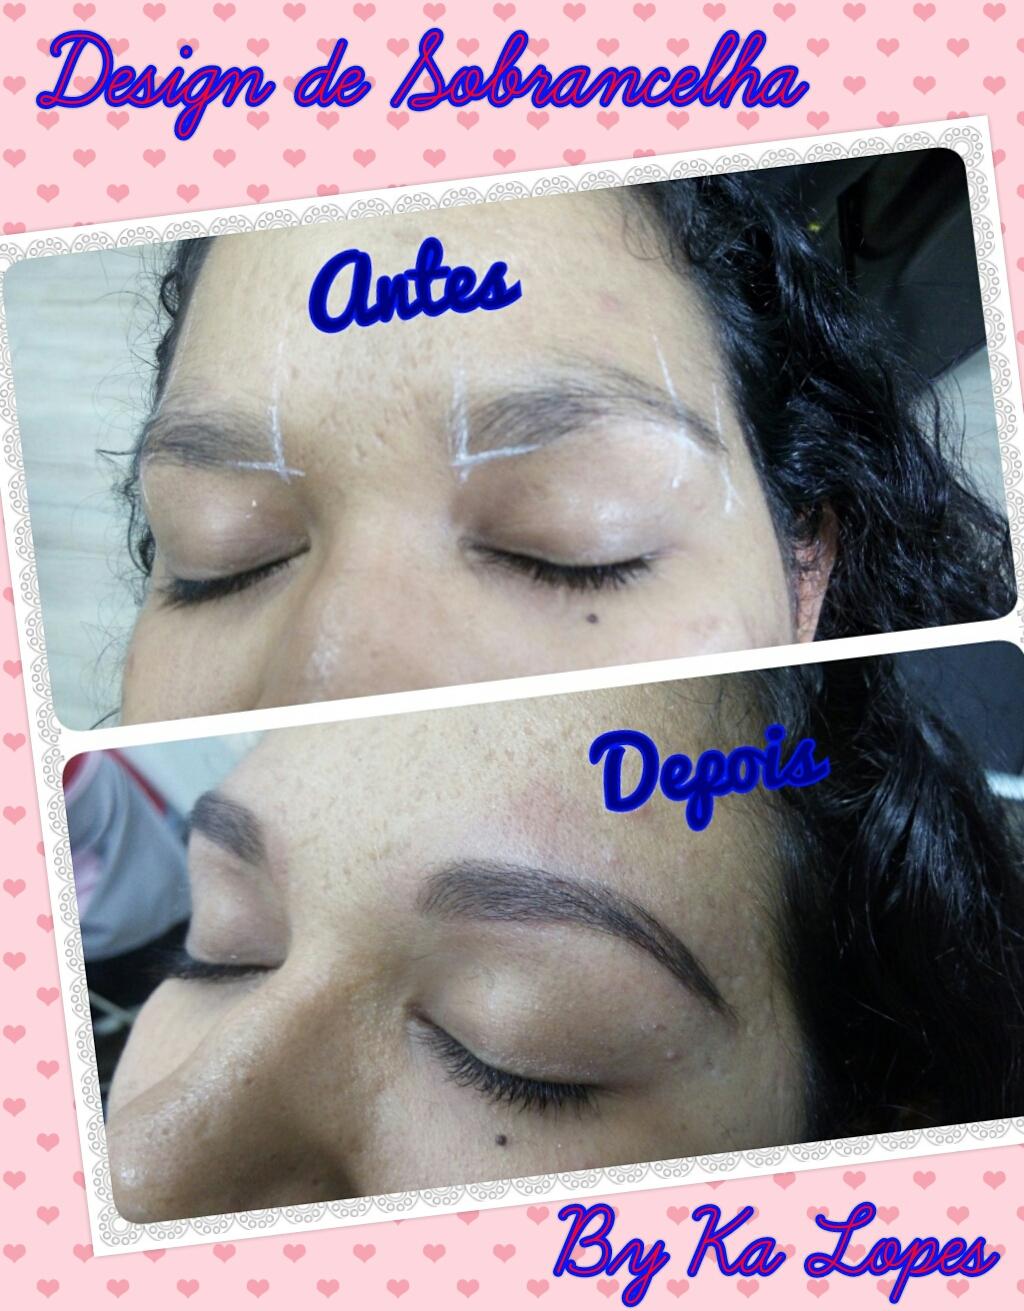 Designer de sobrancelha com correção de falhas outros depilador(a) designer de sobrancelhas